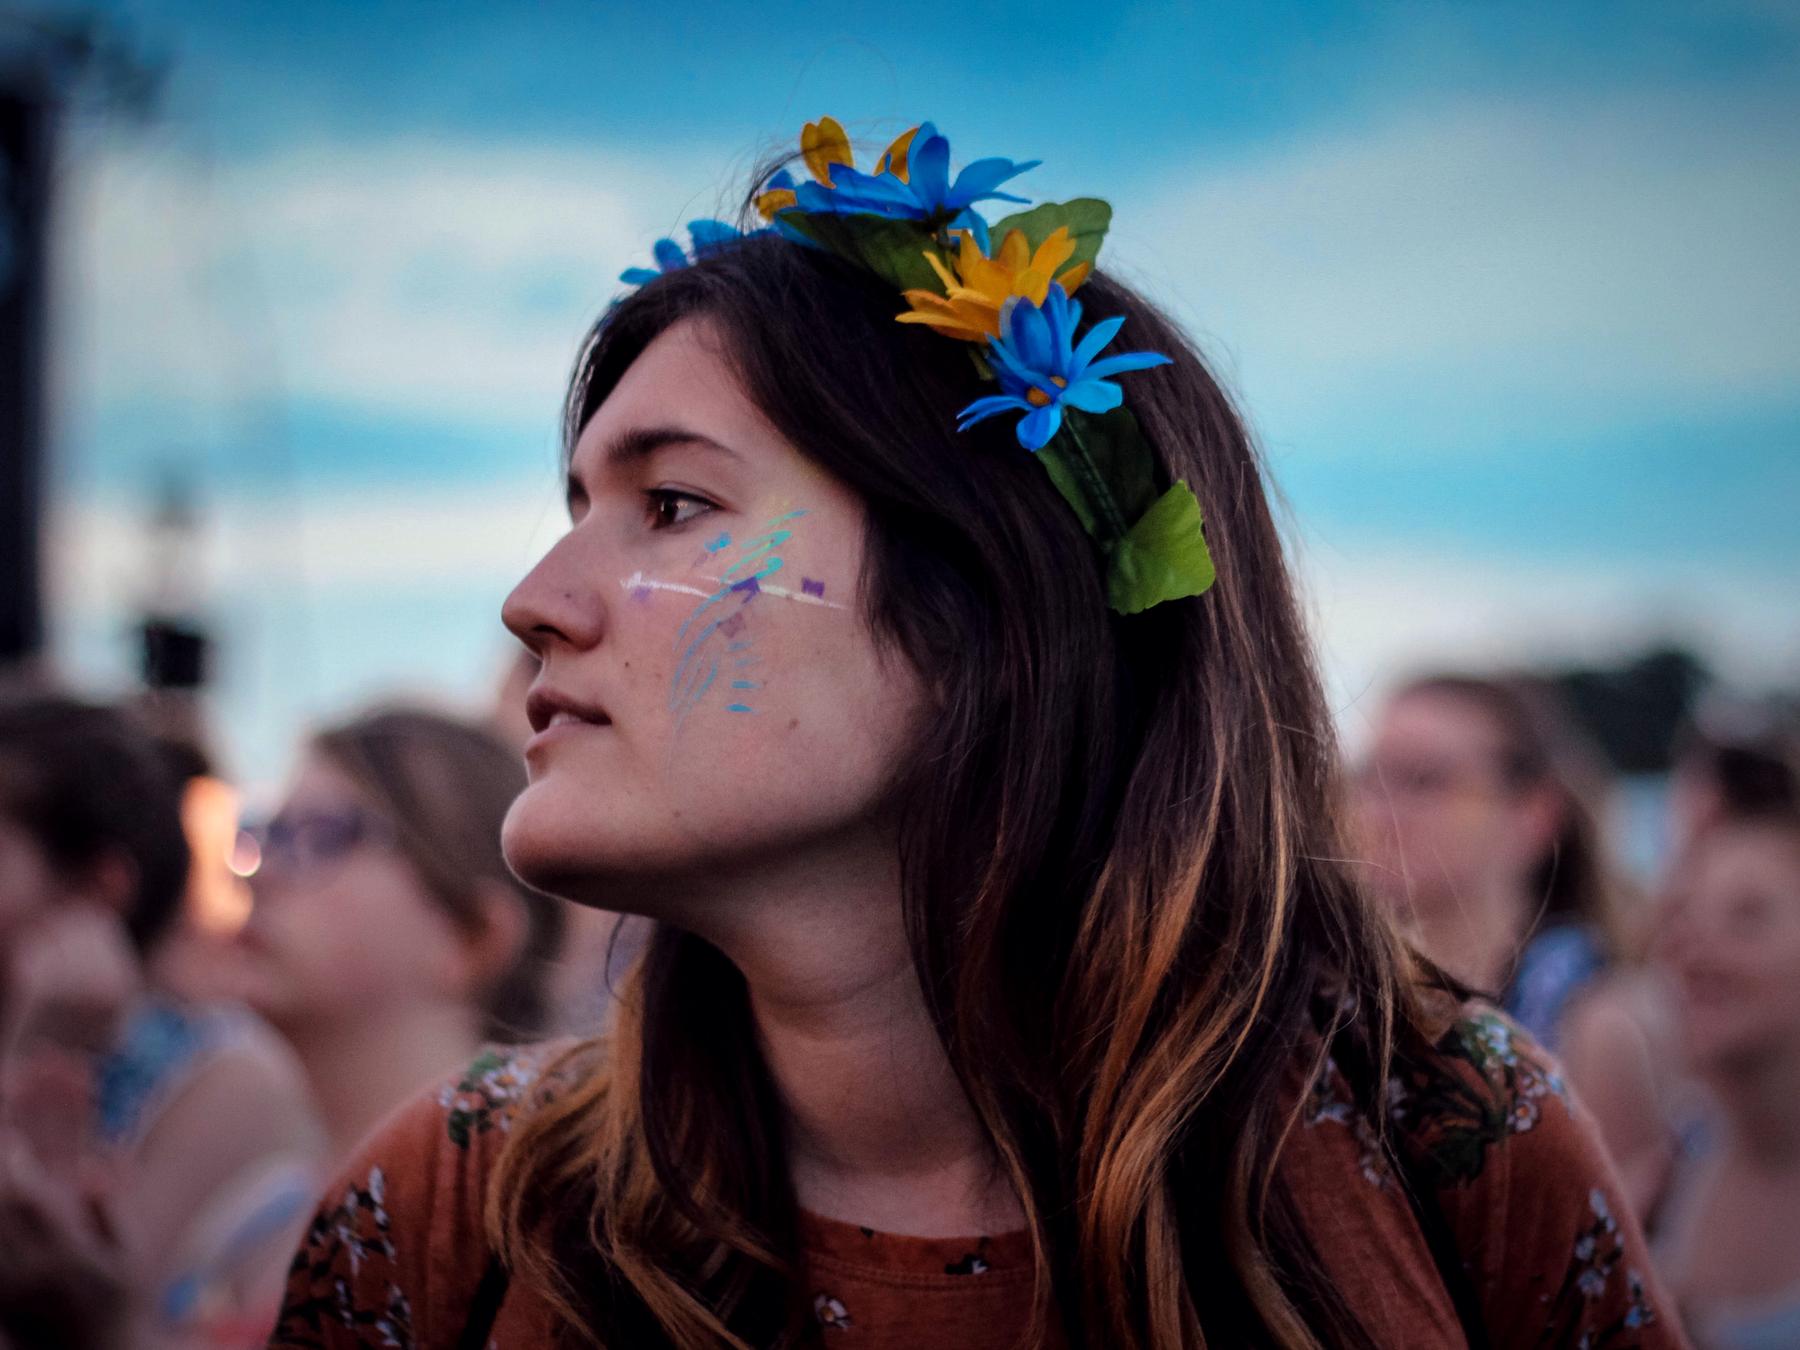 Dicas-de-viagem-para-feriados-do-Brasil-em-2018-carnaval-rio-de-janeiro Dicas de viagem para feriados do Brasil em 2020